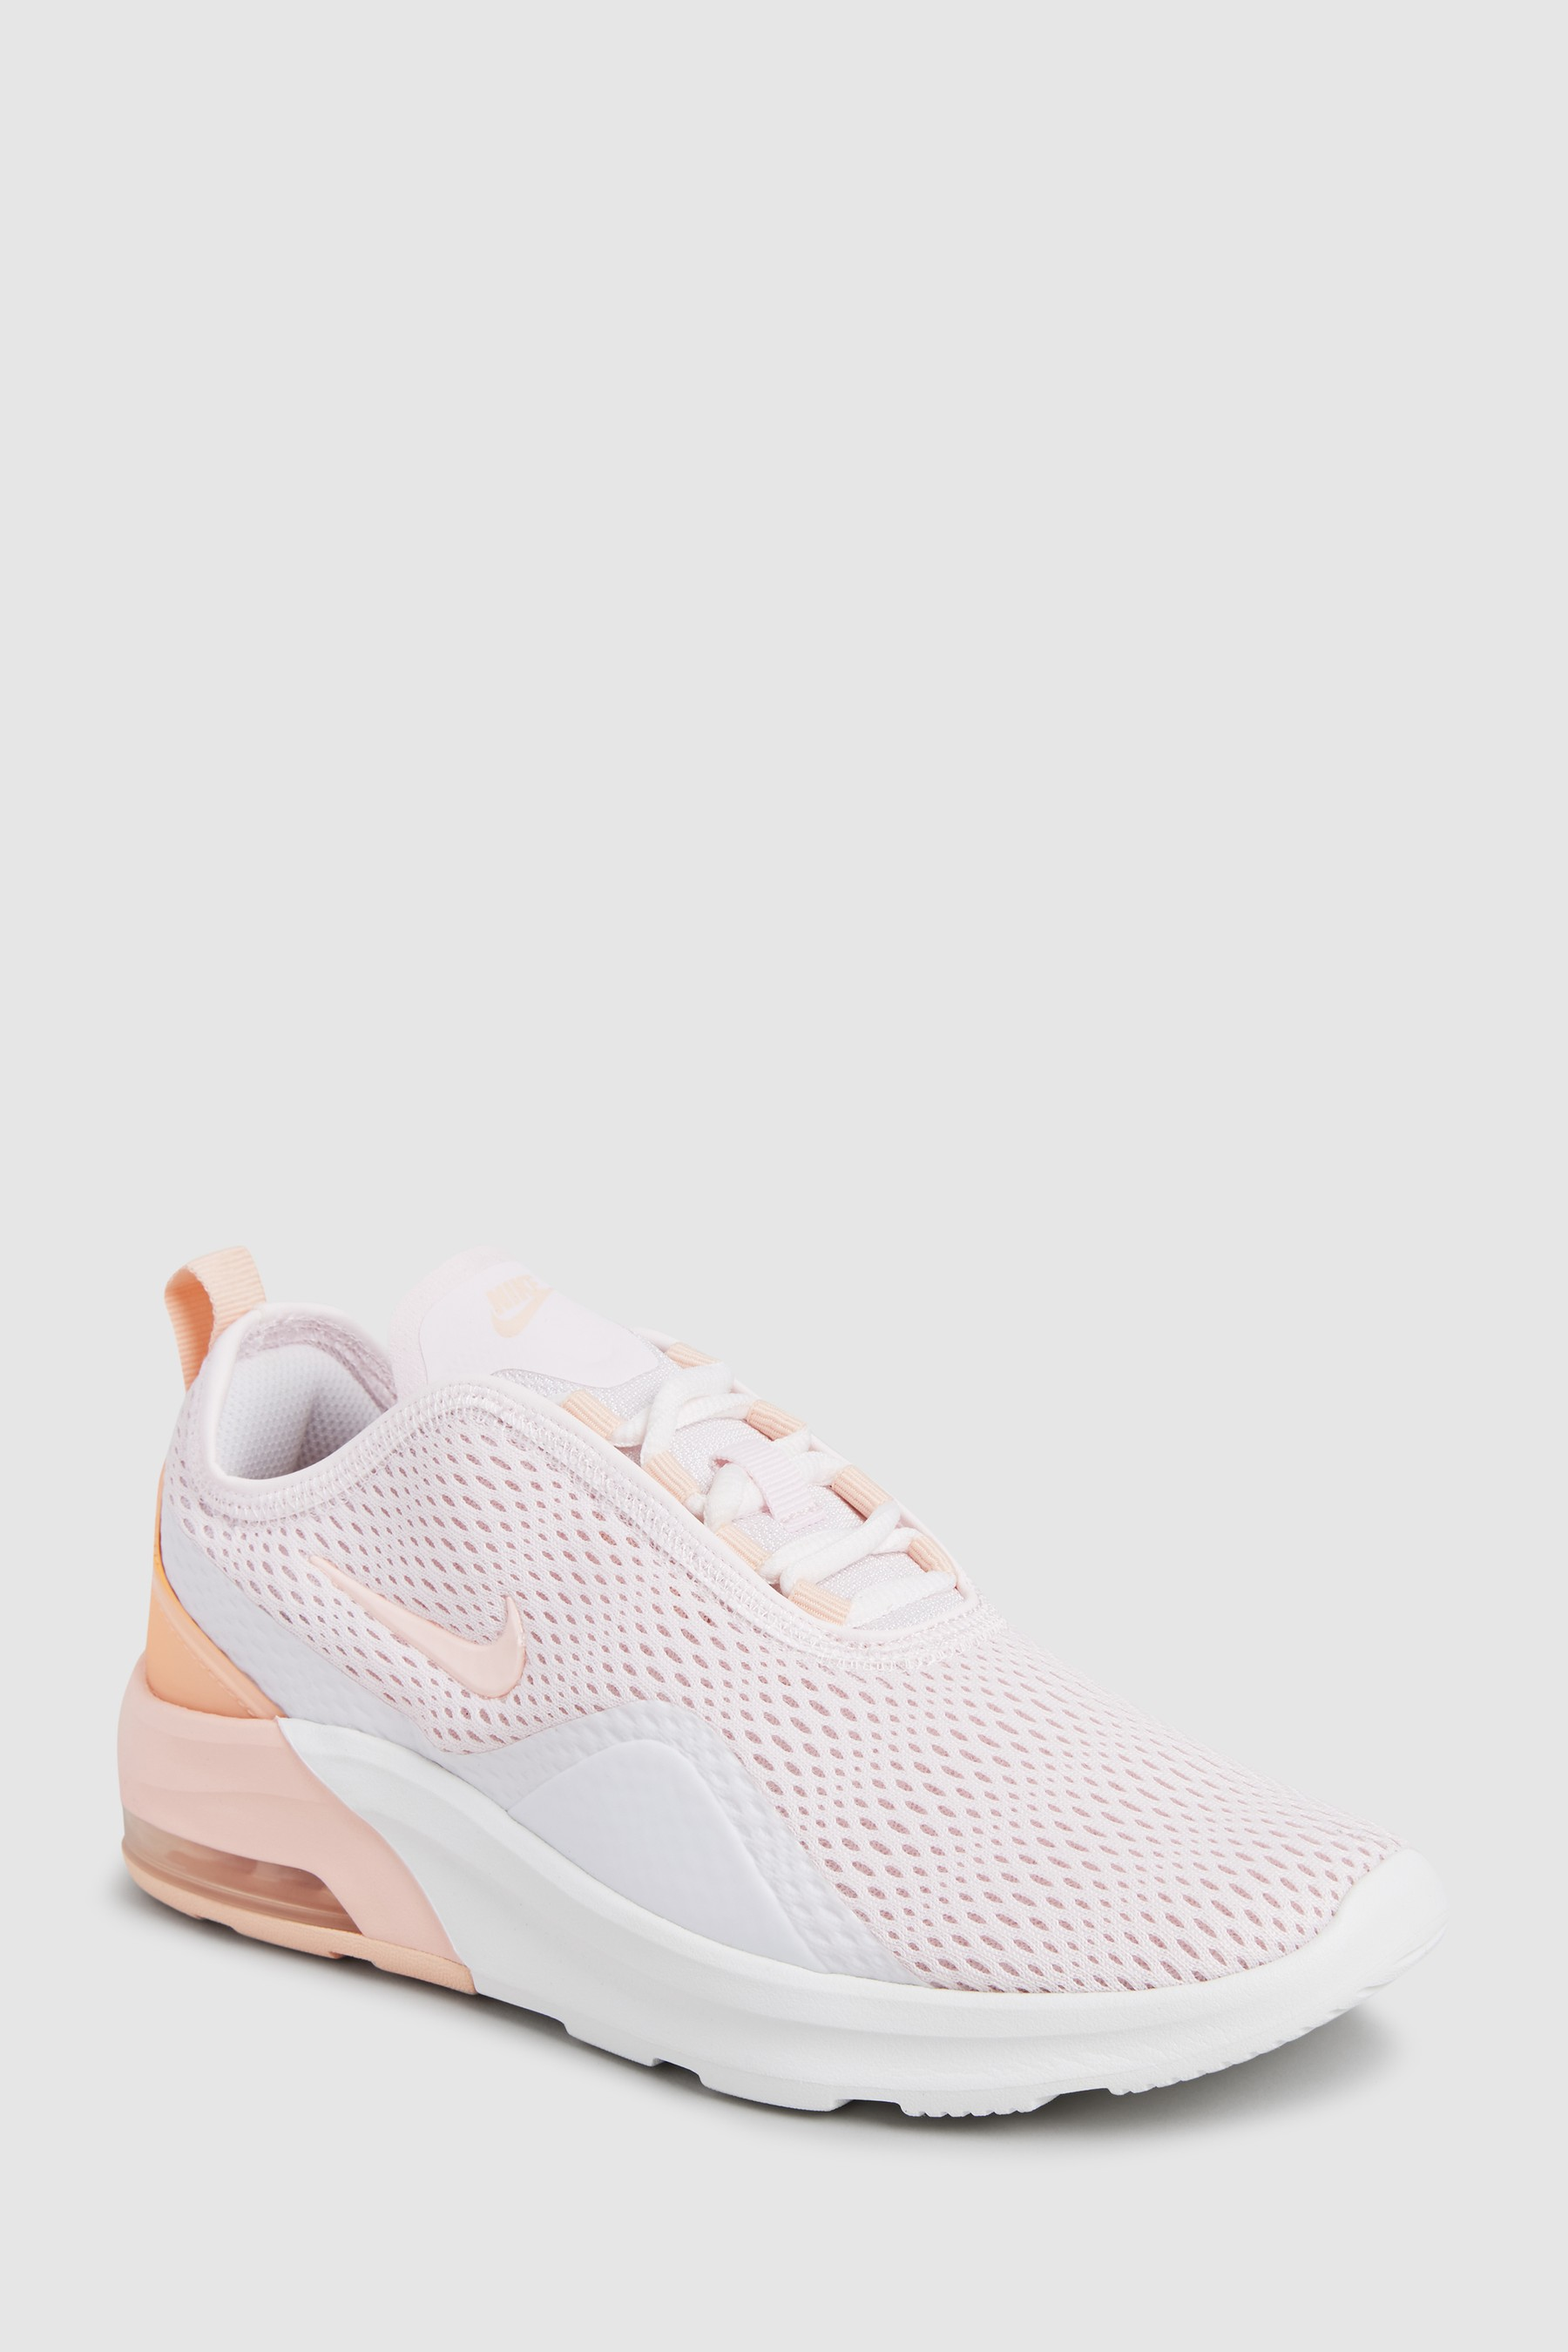 Womens Nike Air Max Motion 2 - Pink | Nike air max pink ...